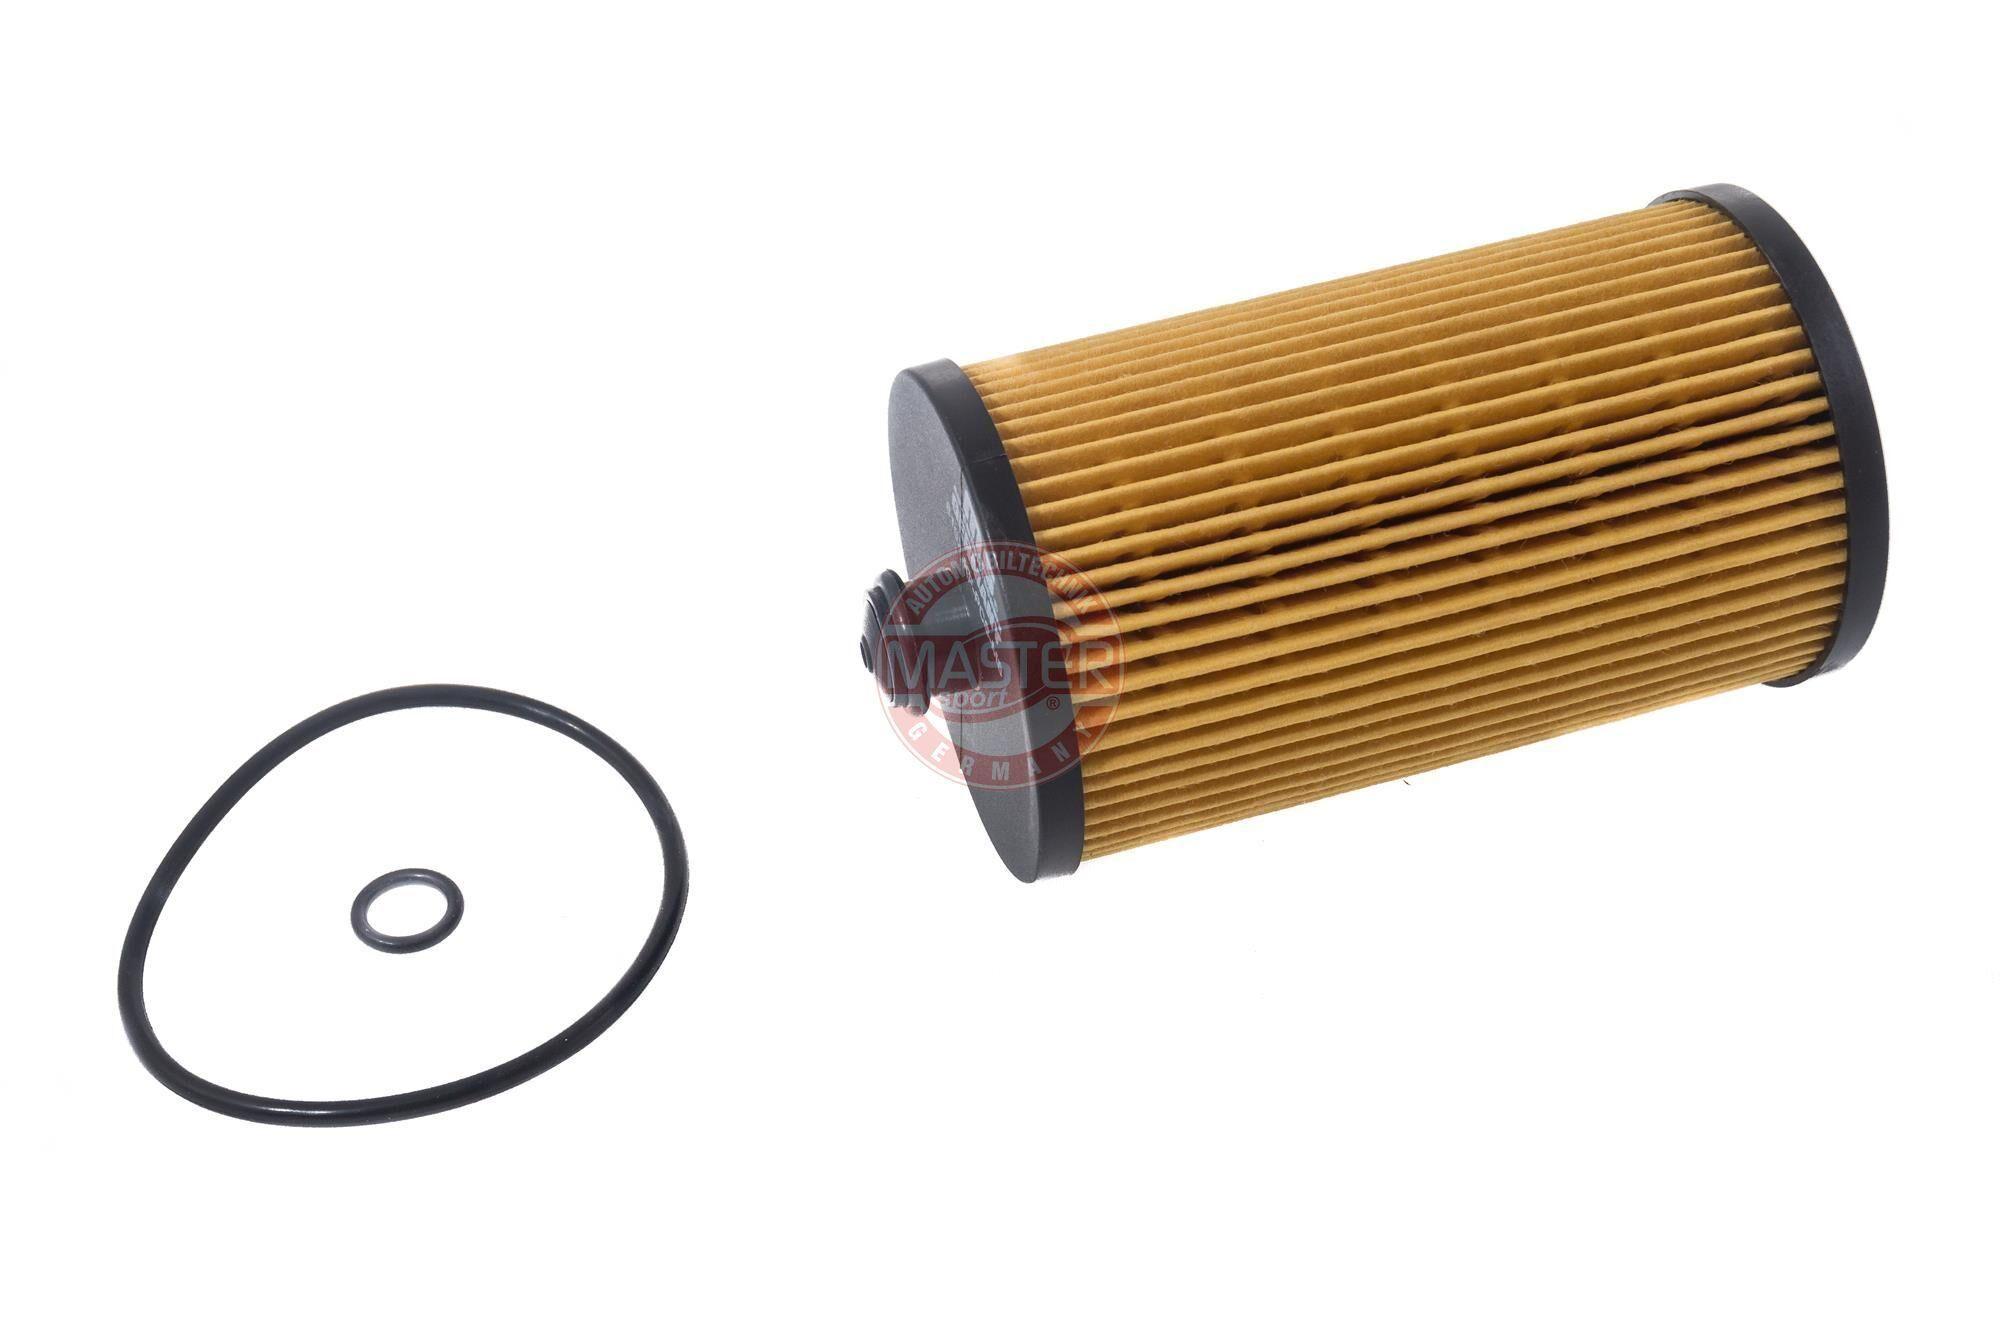 master-sport filtro carburante vw 816x-kf-pcs-ms filtro combustibile